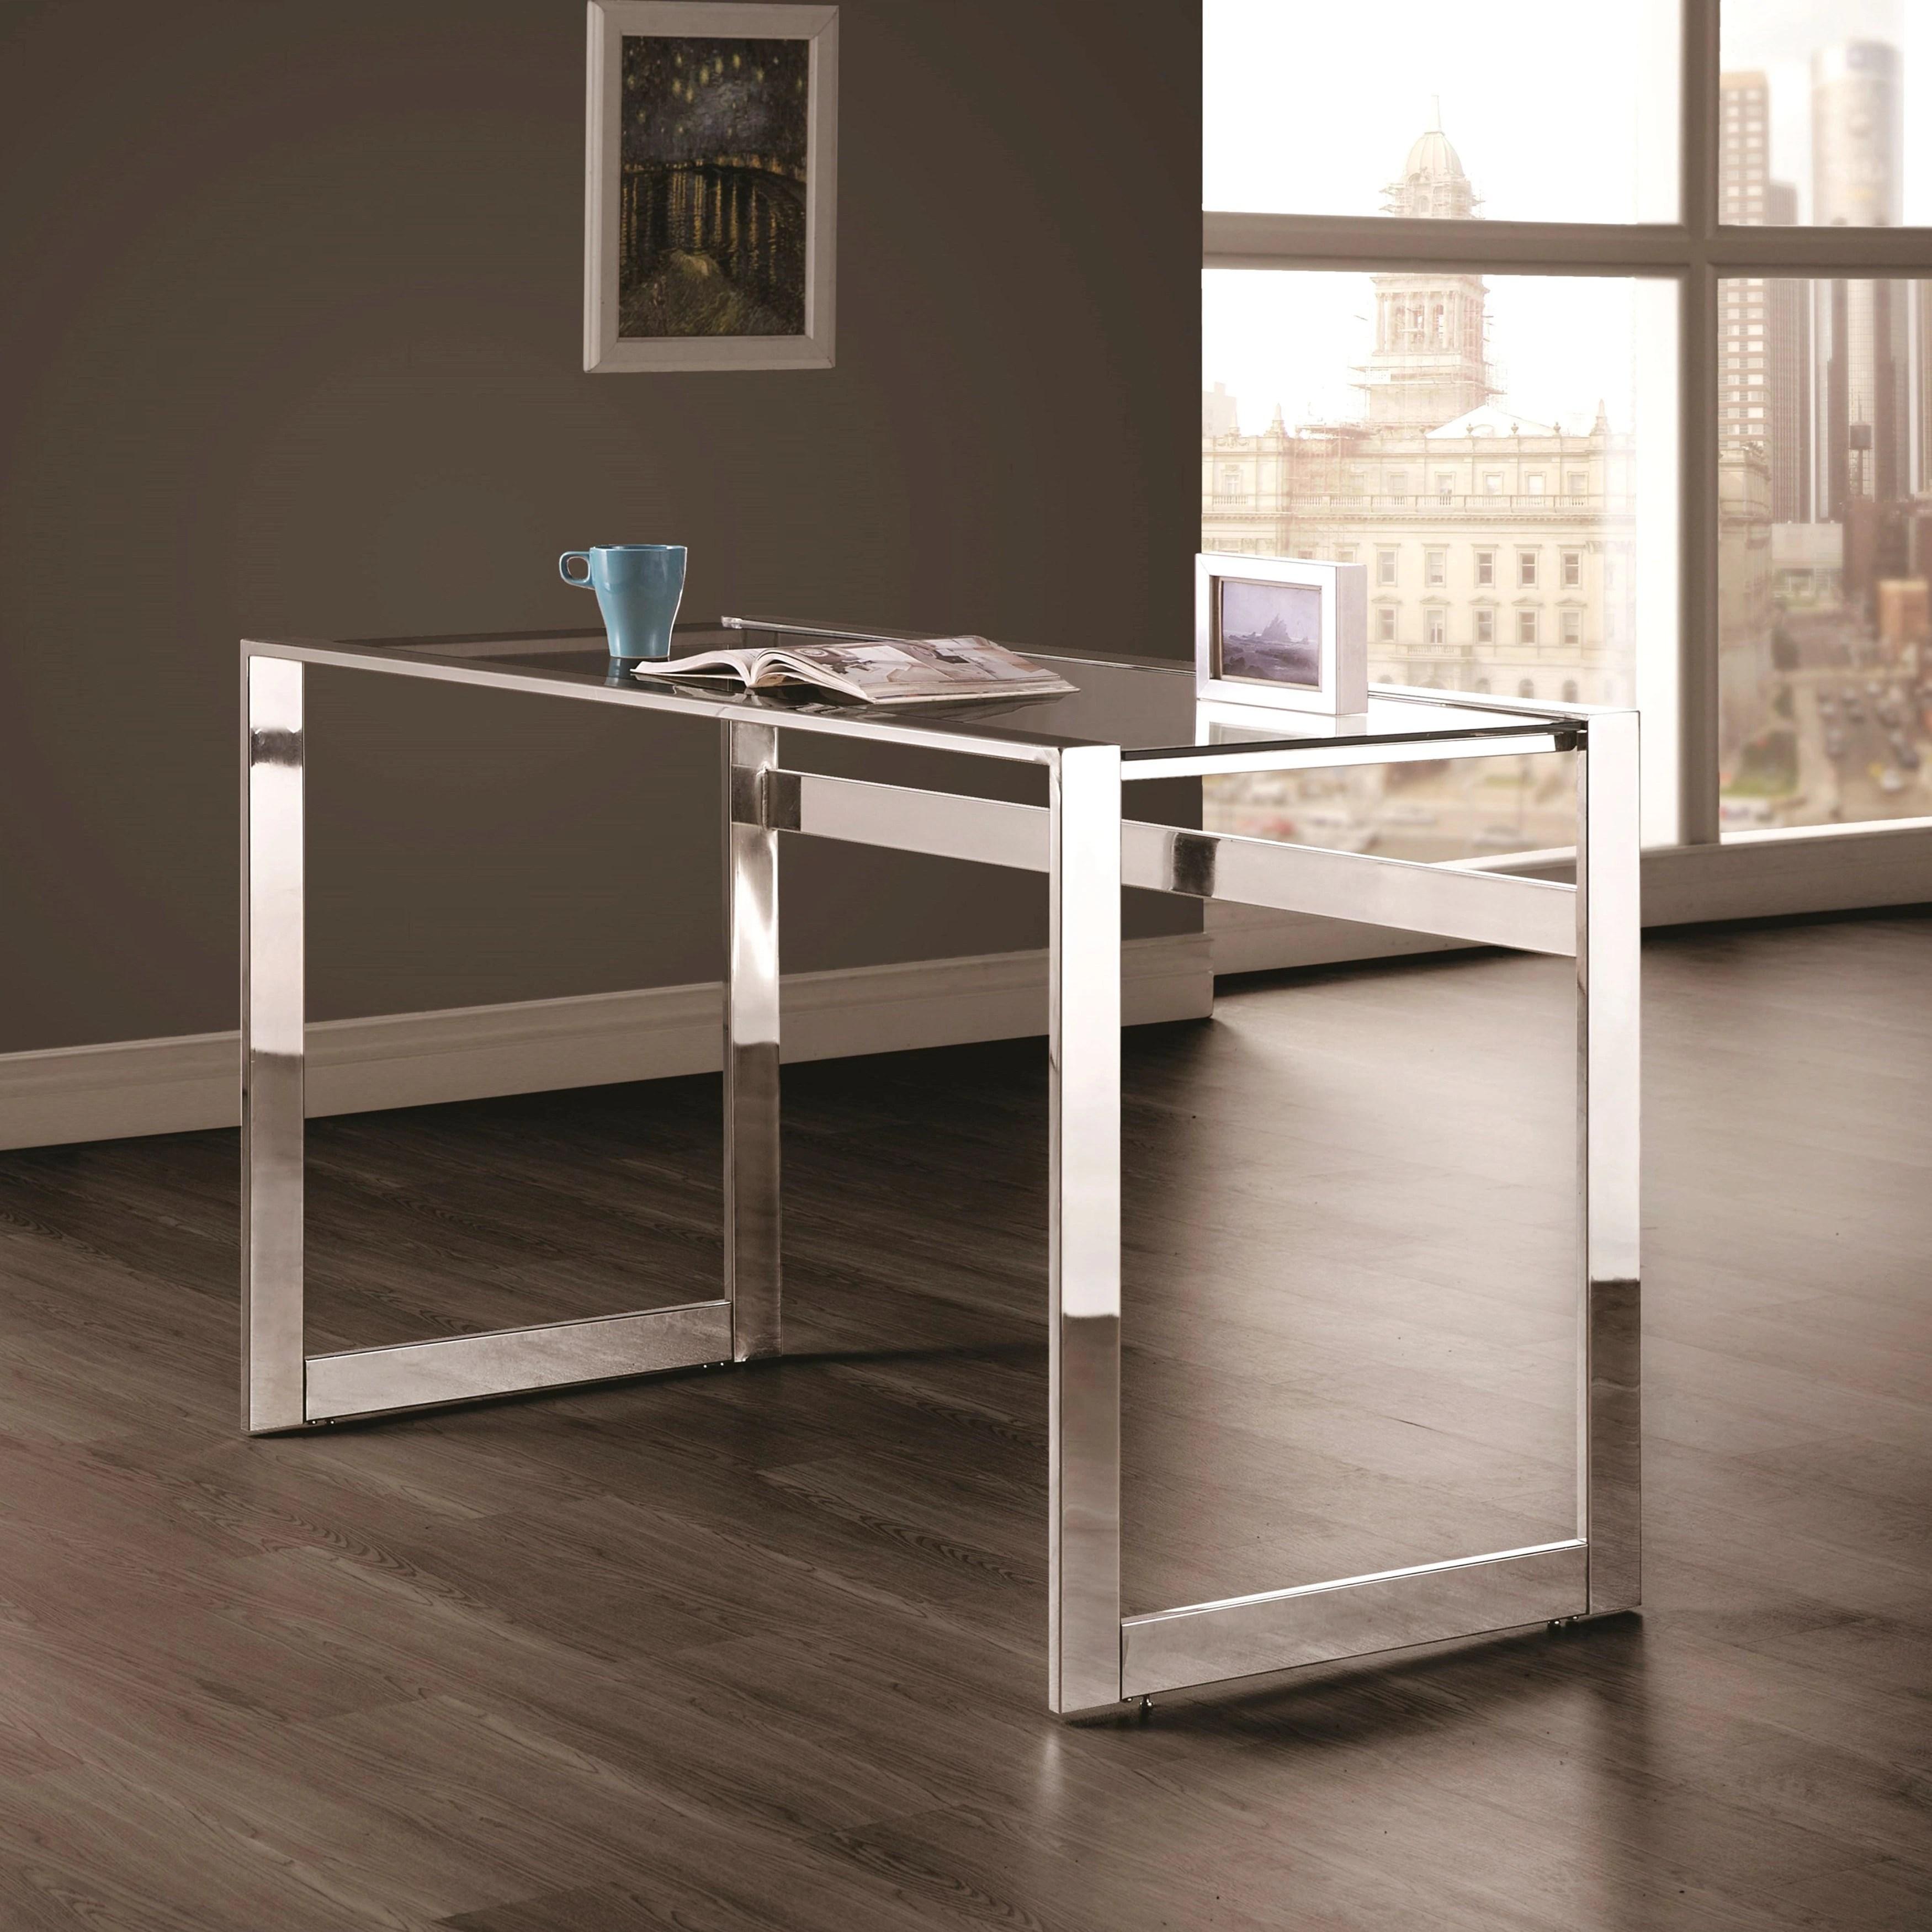 modern art deco design home office writing computer desk